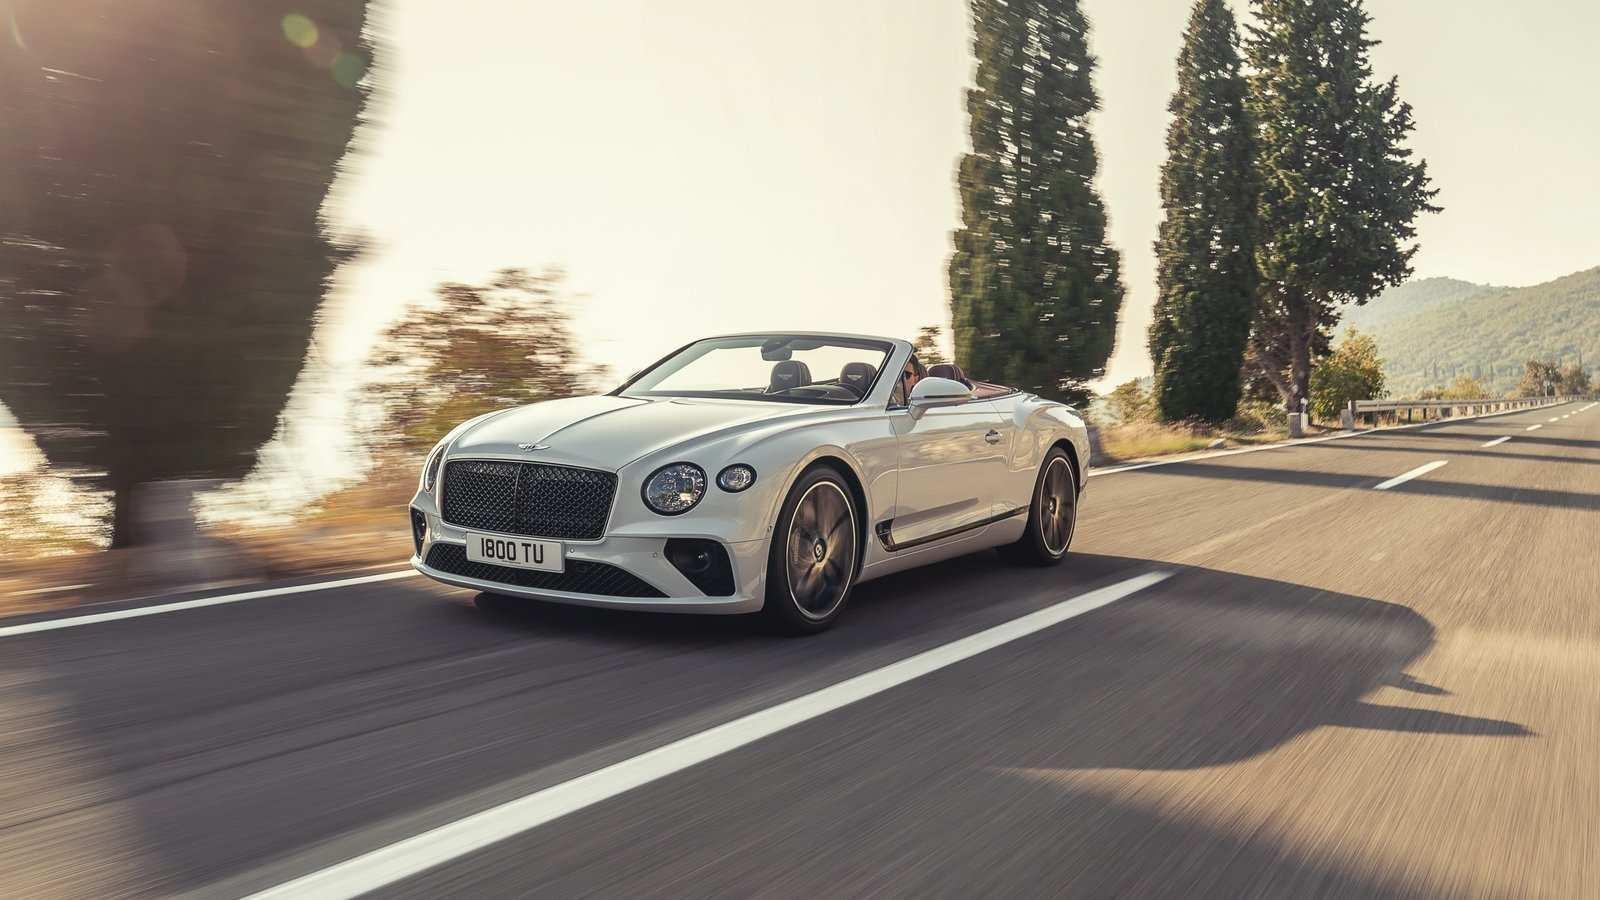 71 The 2020 Bentley Gt New Concept for 2020 Bentley Gt